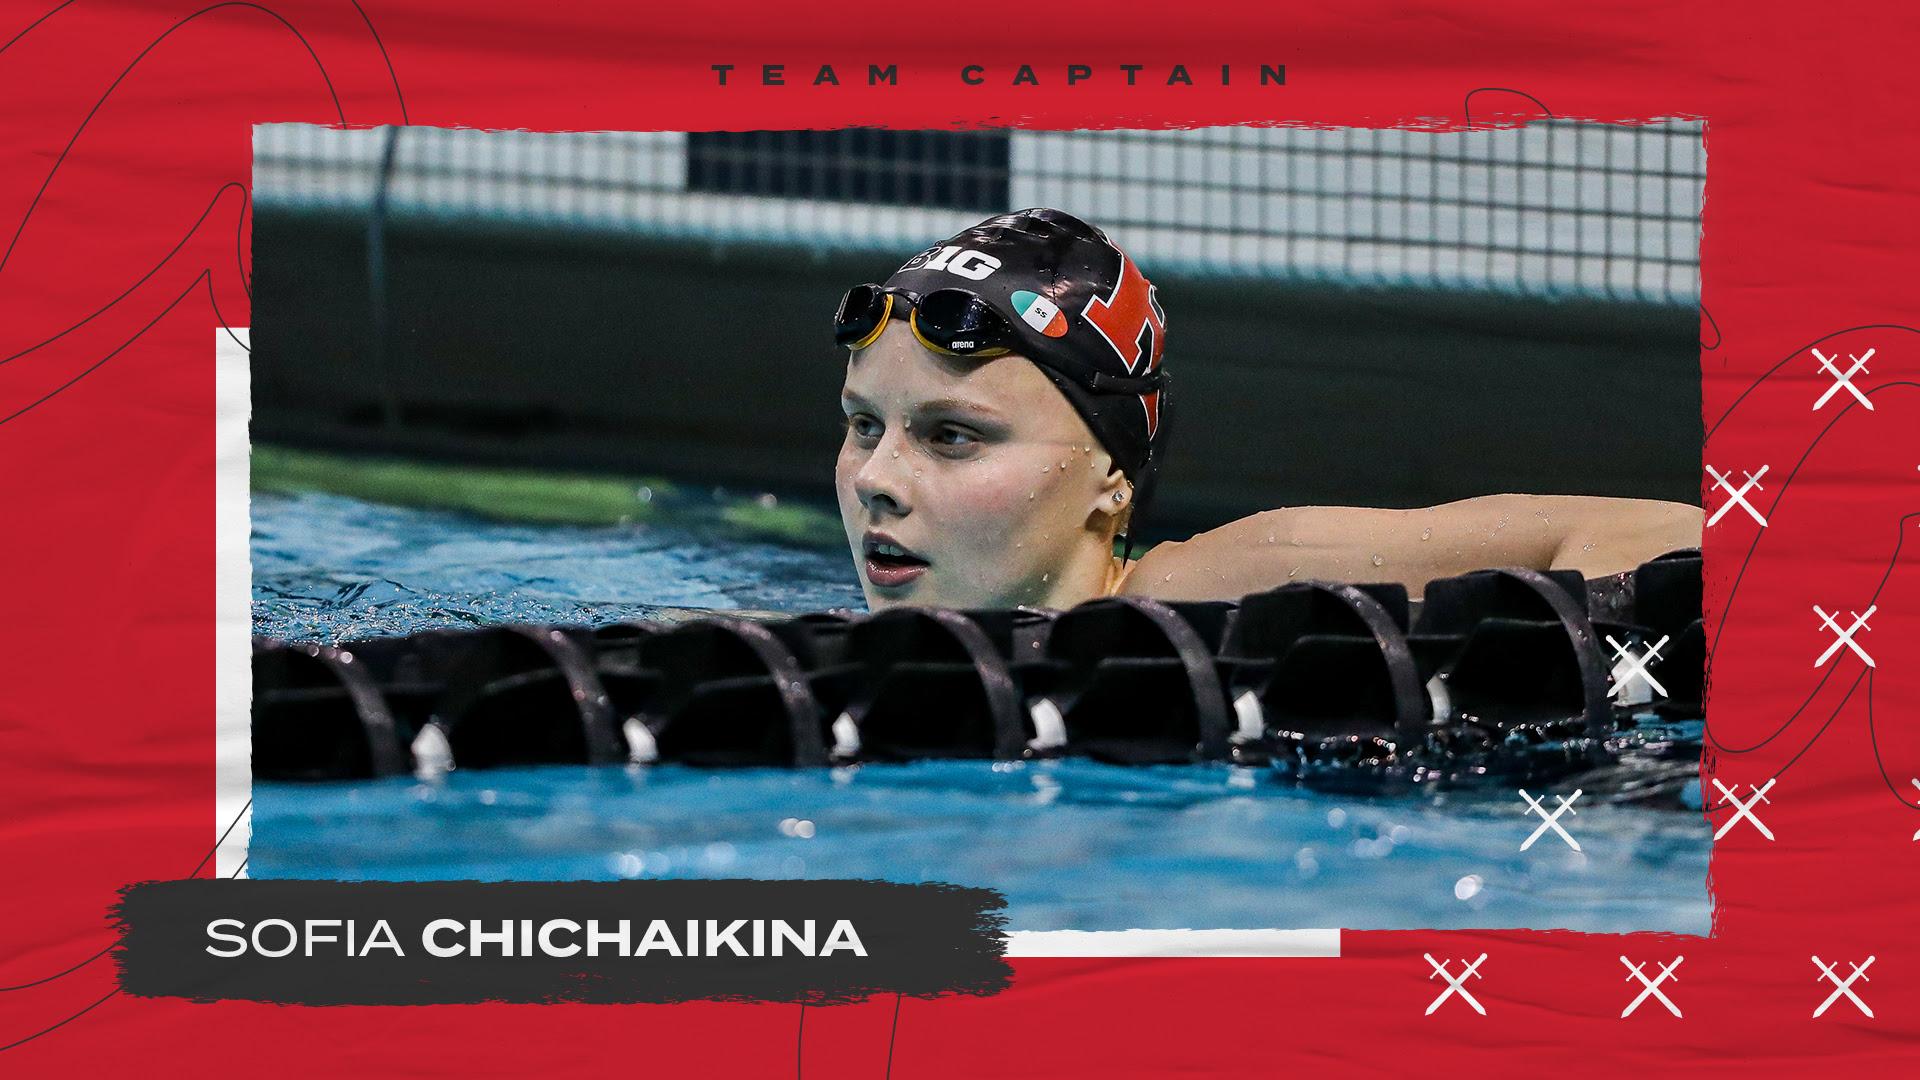 Sofia Chichaikina